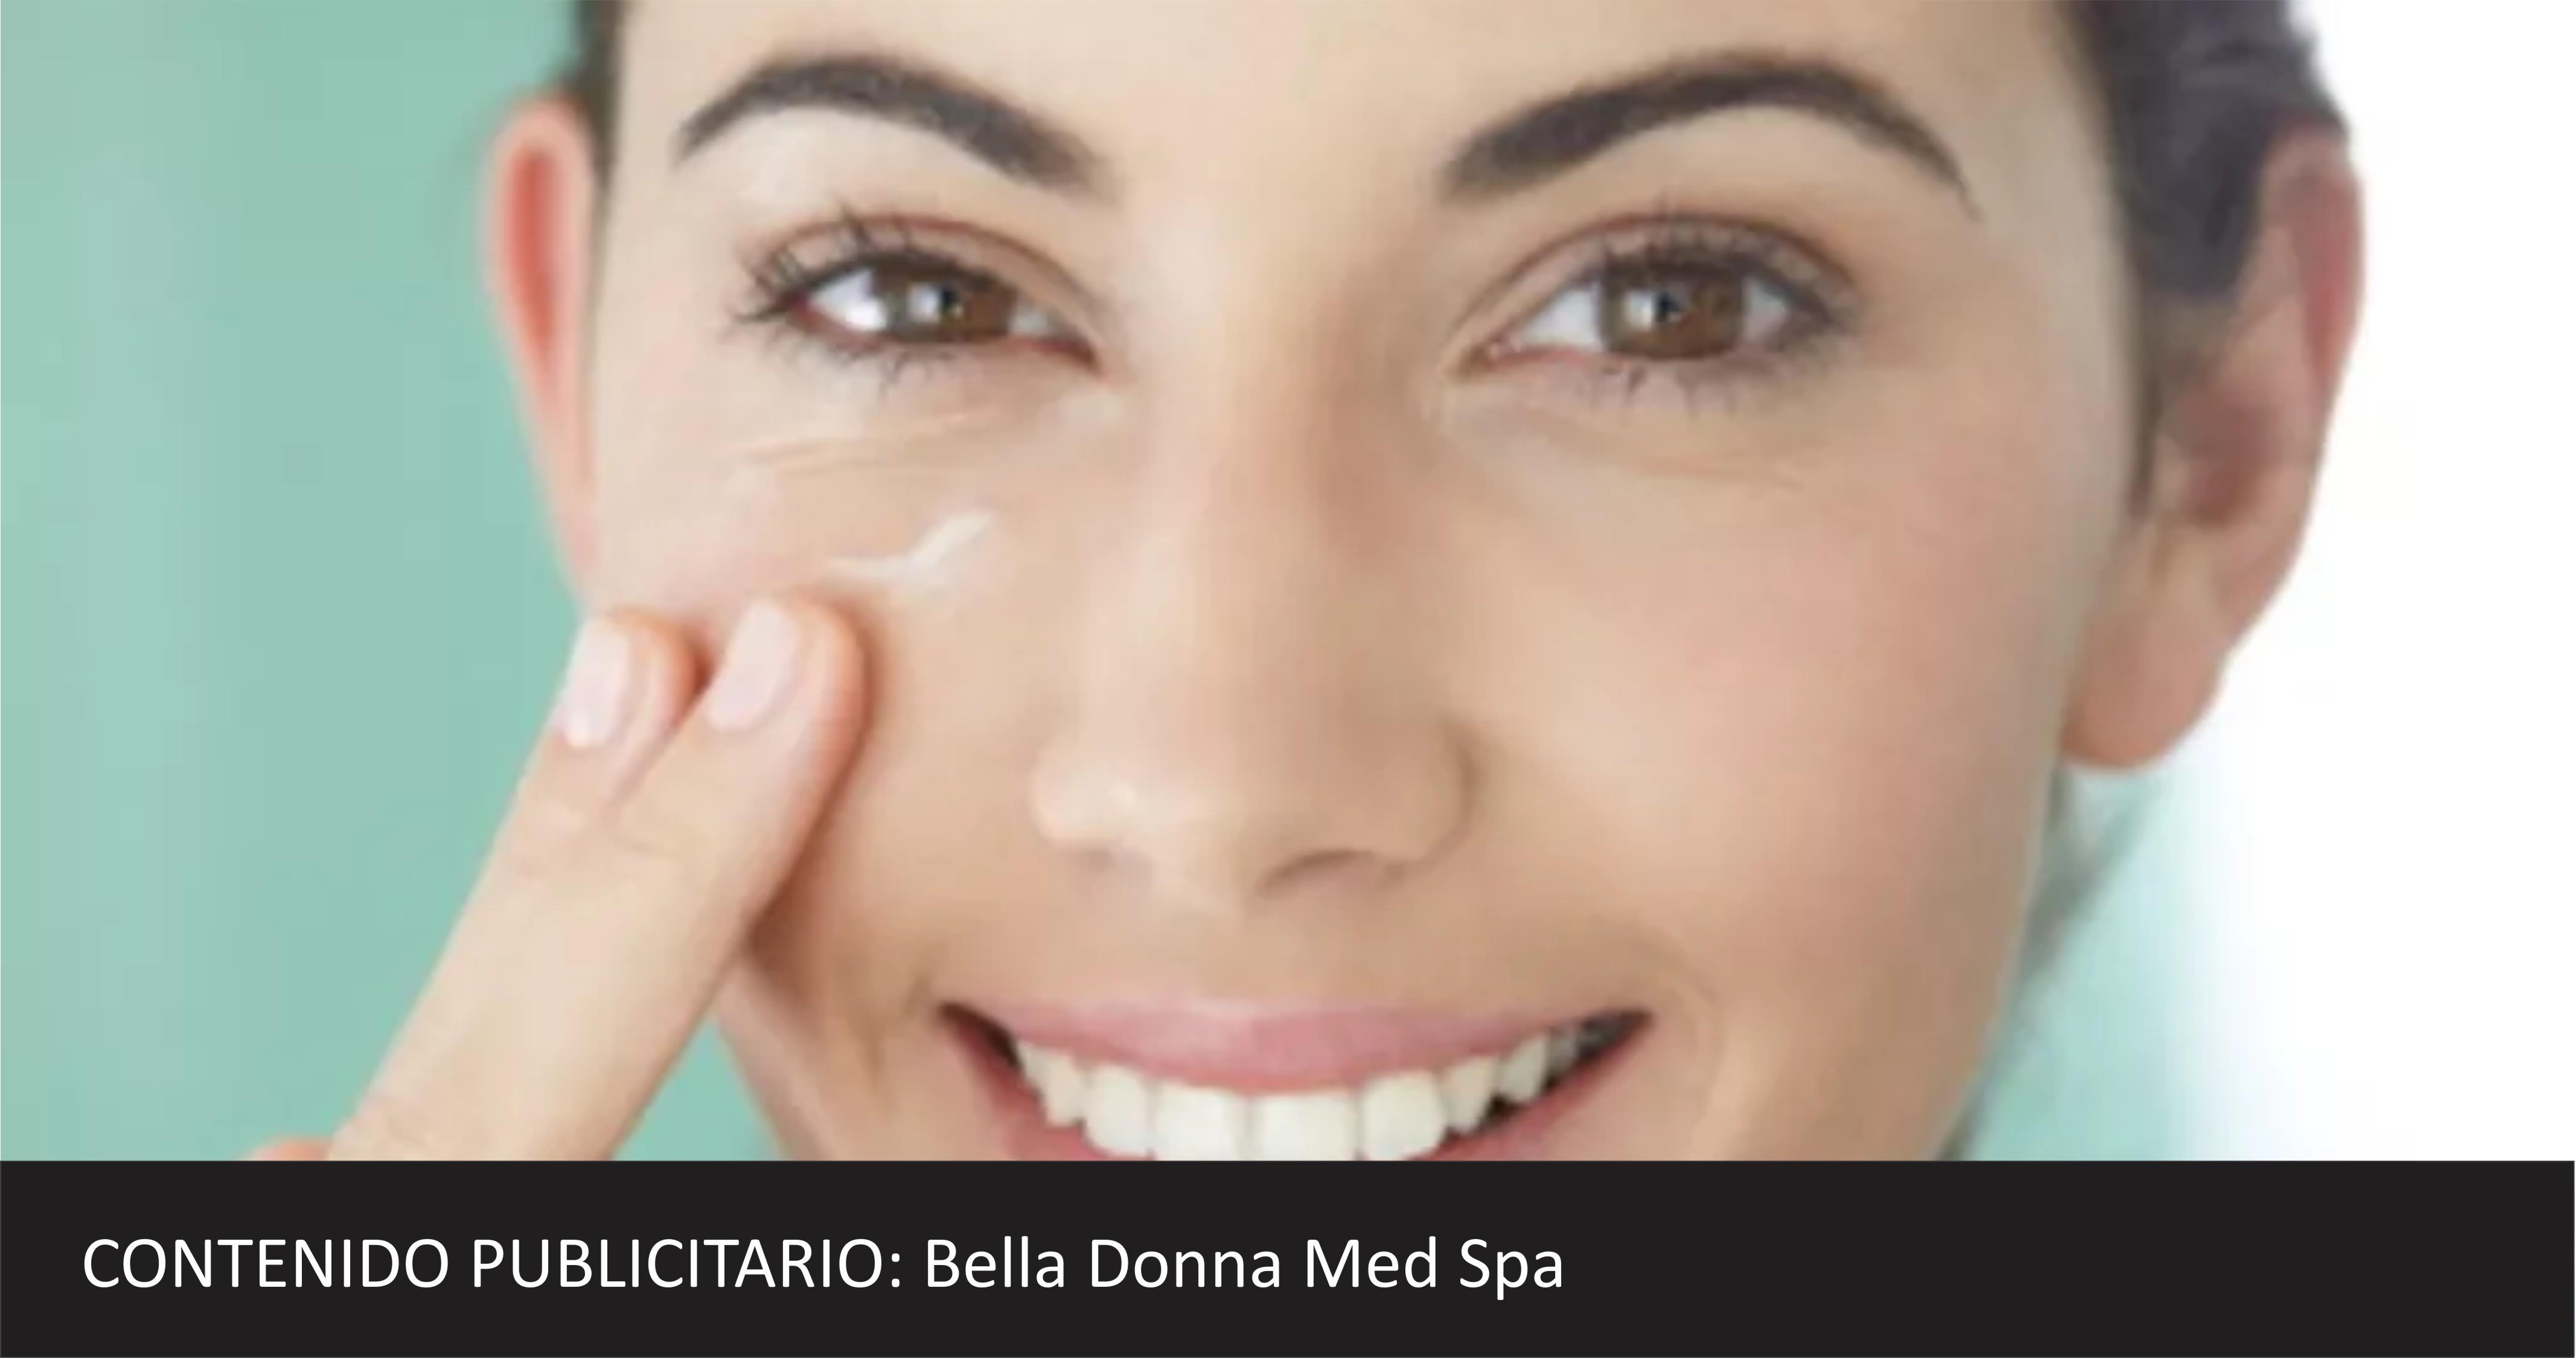 ¿Quiere eliminar por completo esas manchas oscuras en el rostro, cicatrices causadas por el acné o esas arrugas molestas?